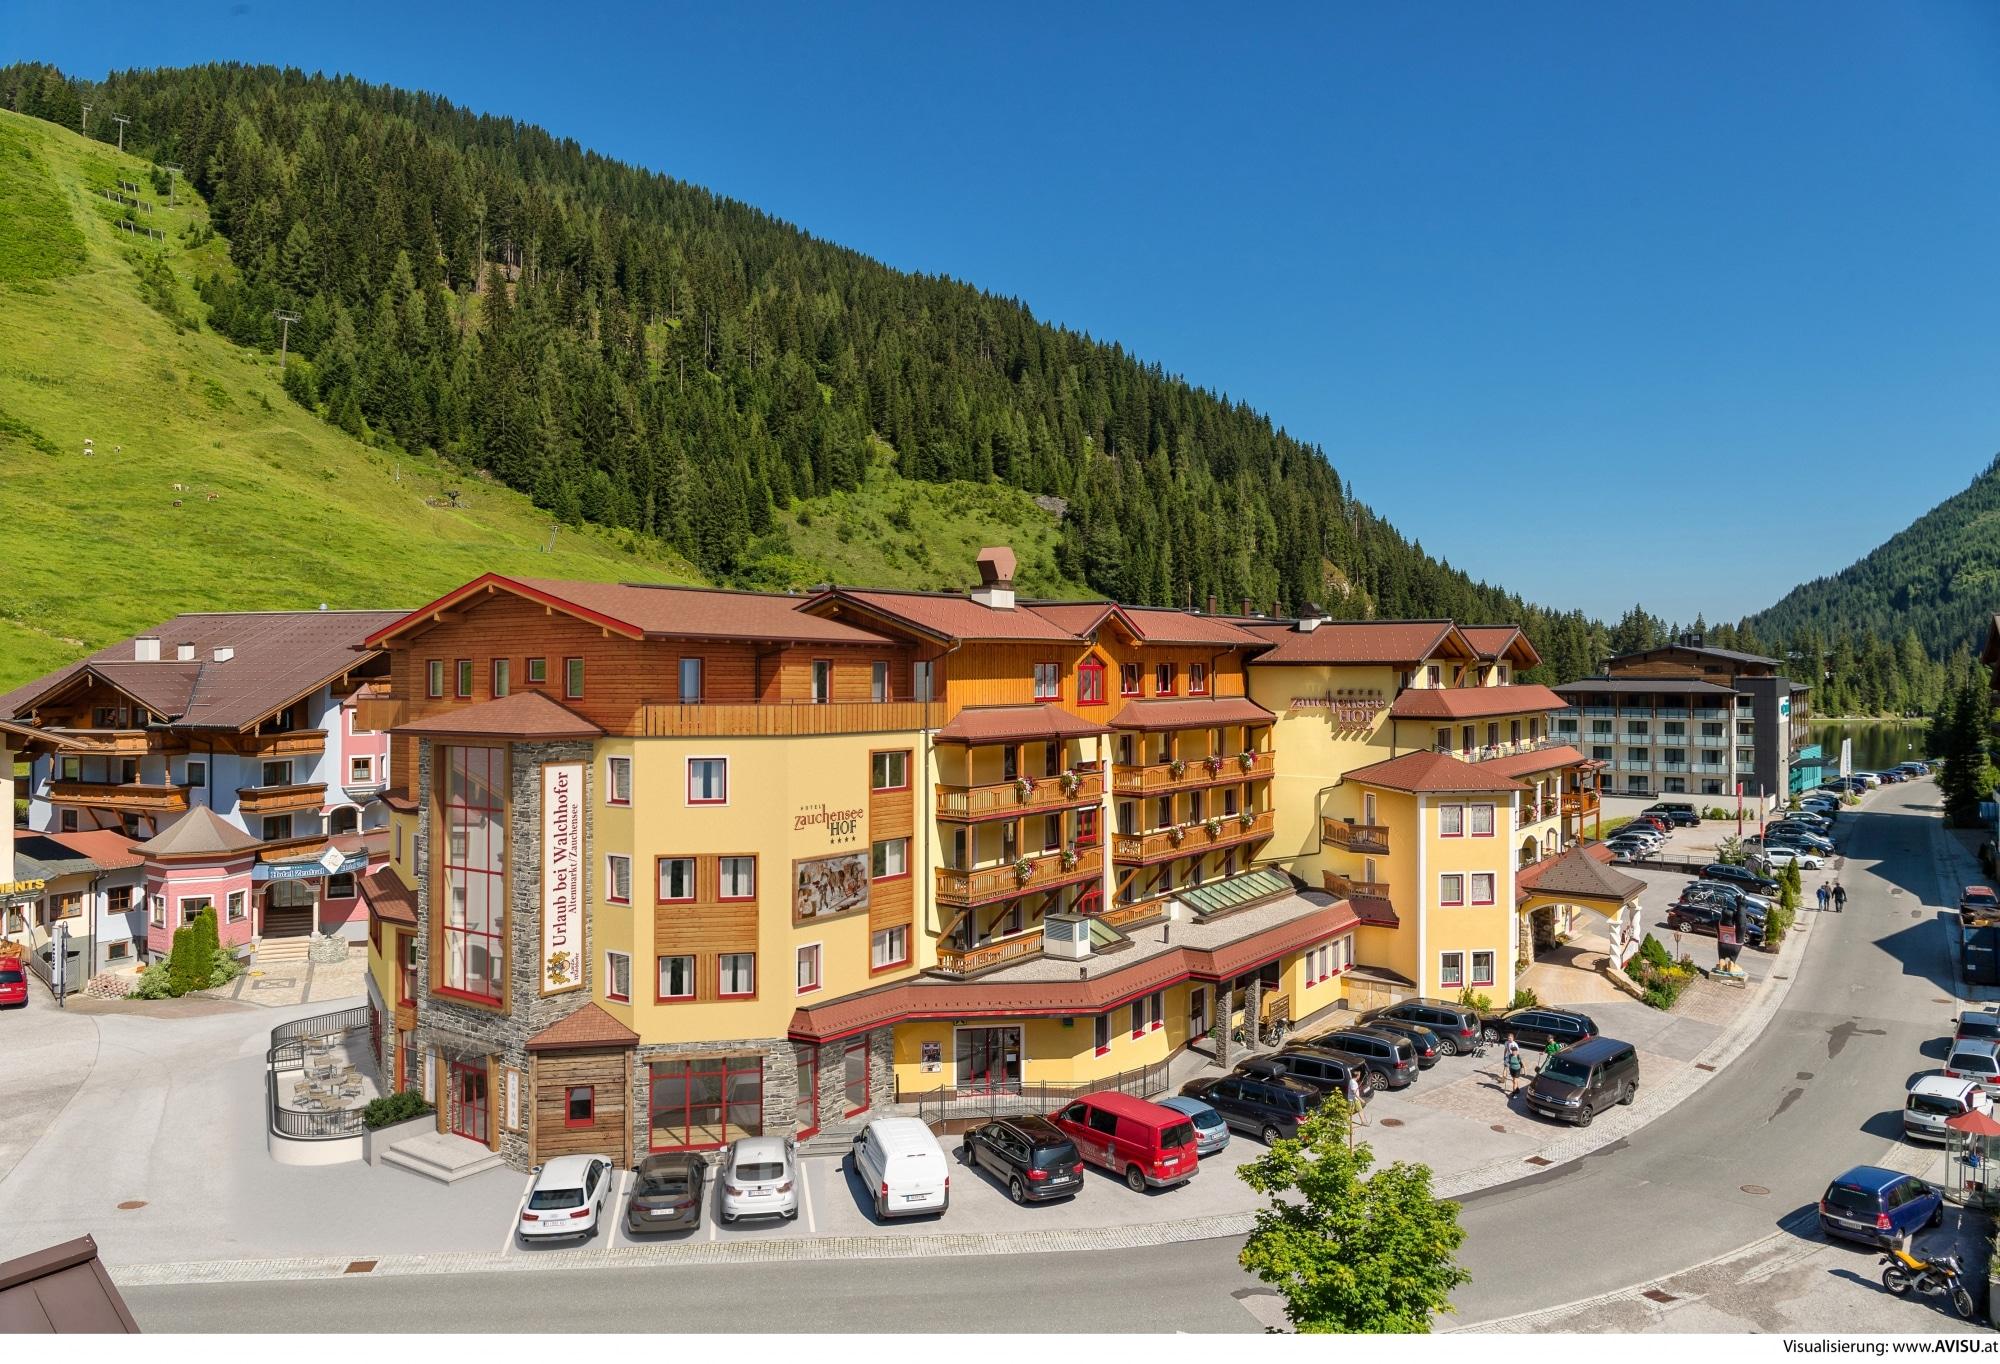 Hotel Zauchenseehof von außen im Sommer